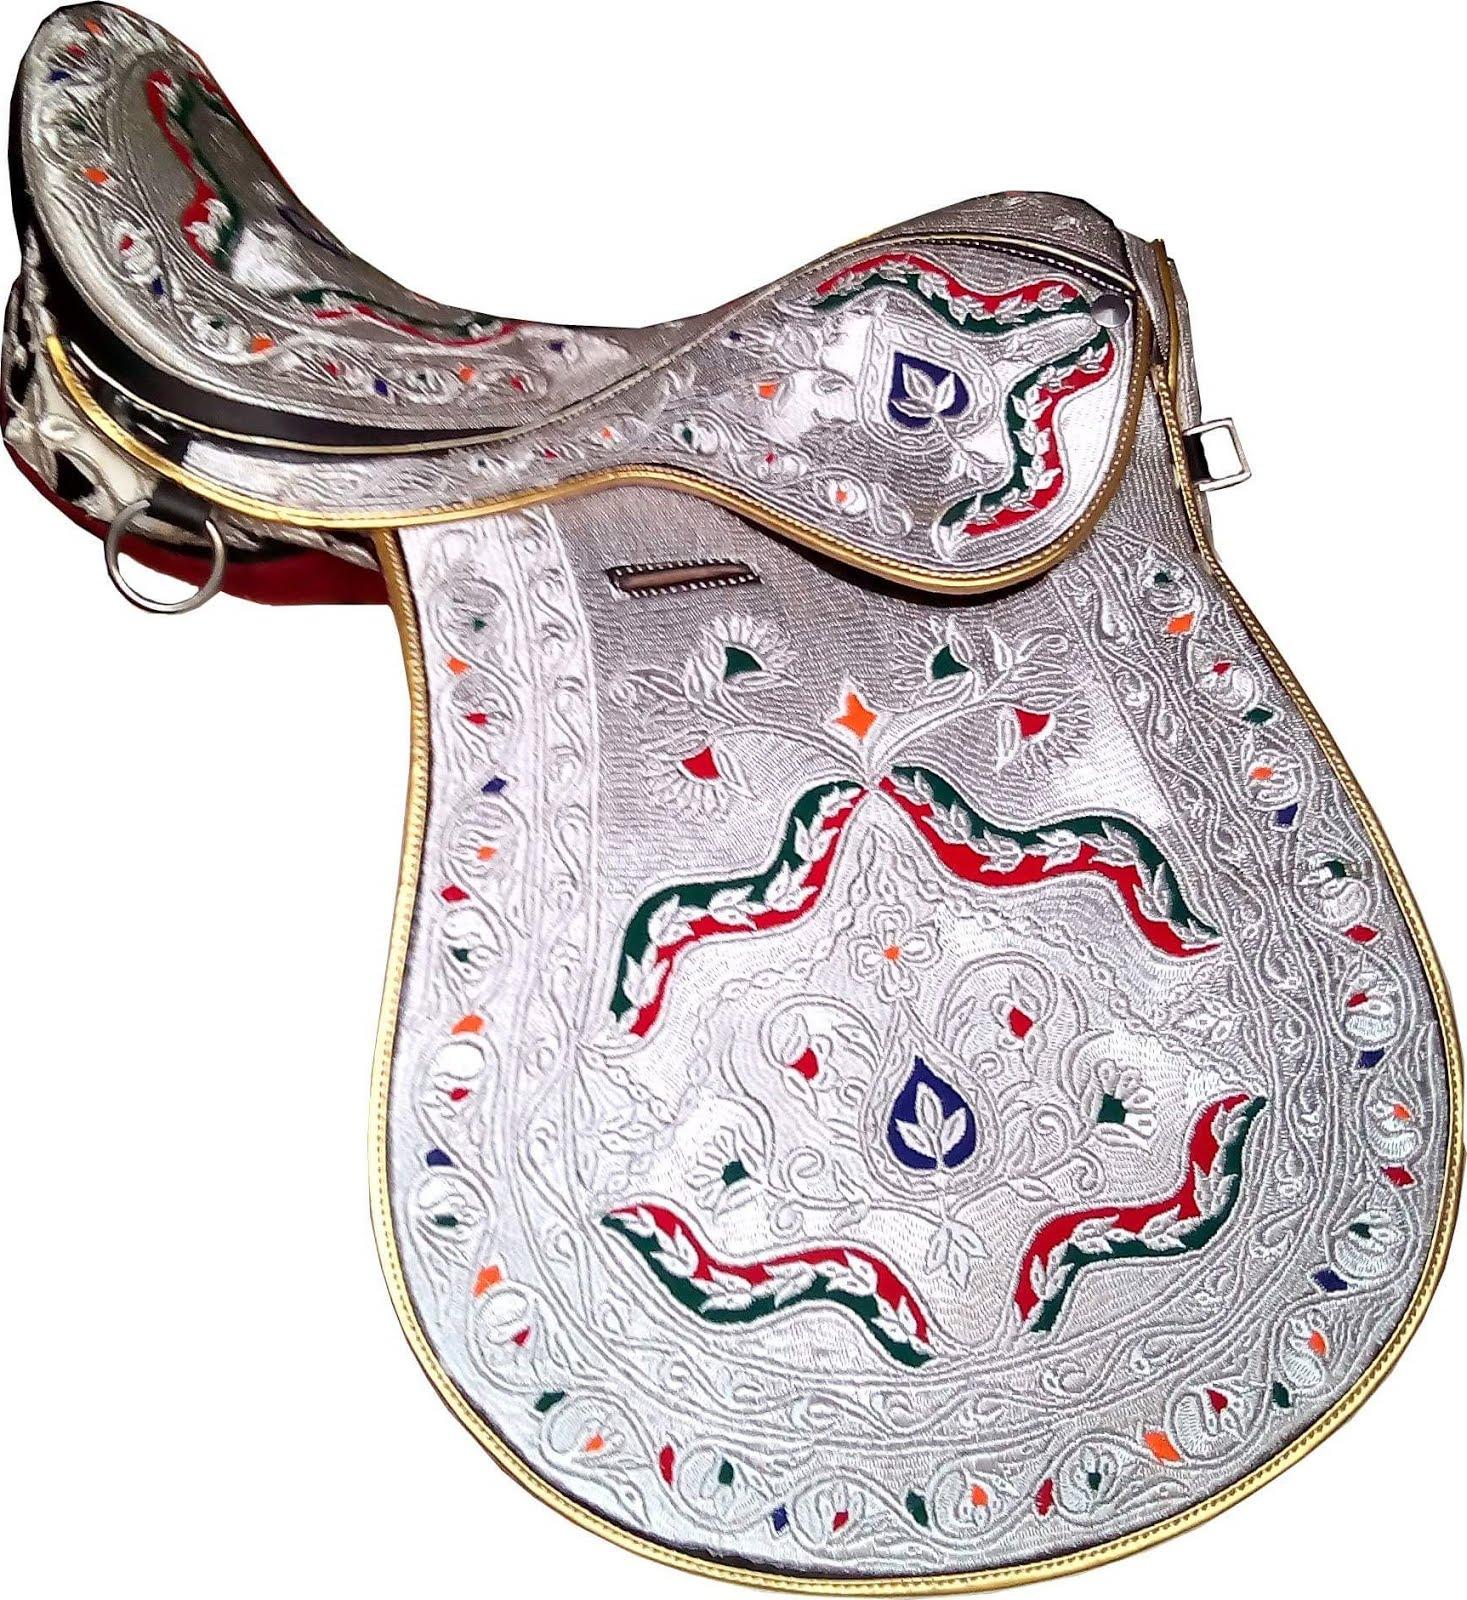 Tillah saddles & tack